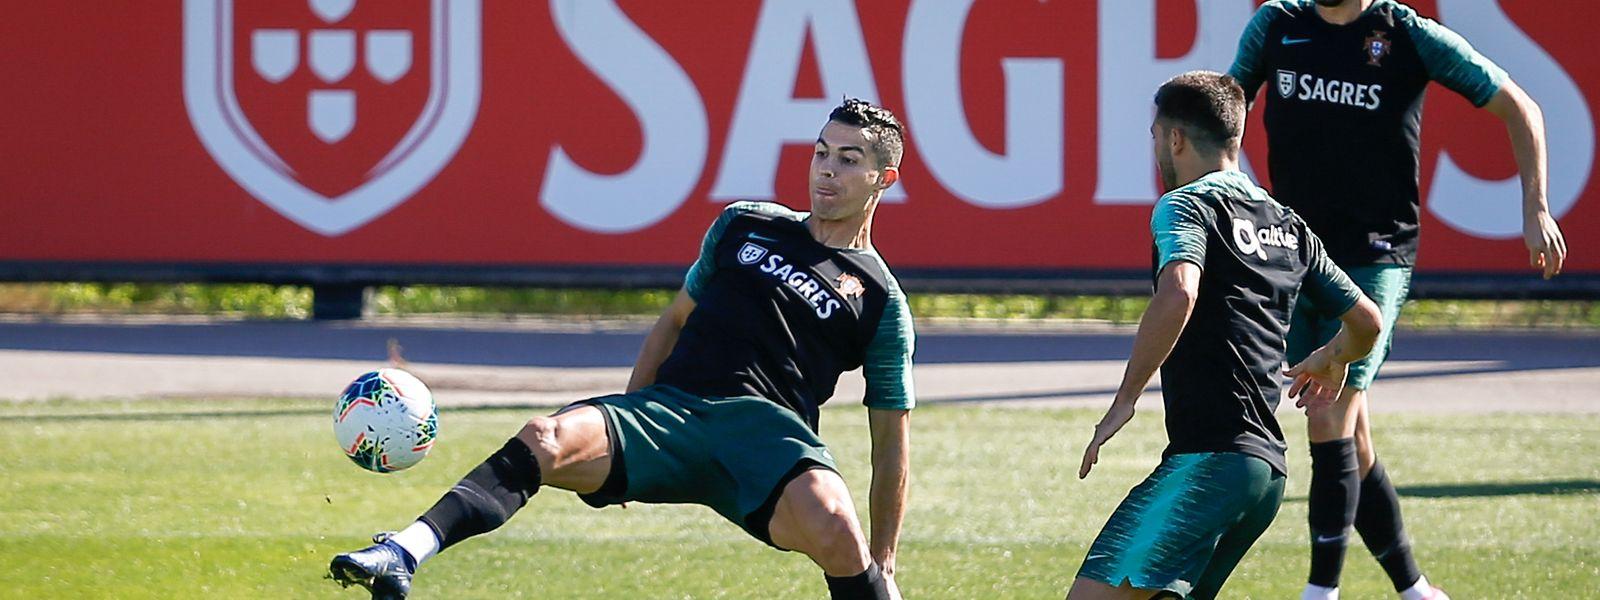 Cristiano Ronaldo, Joao Moutinho e Bernardo Silva numa fase do último treino de Portugal antes de defrontar o Luxemburgo em Alvalade.